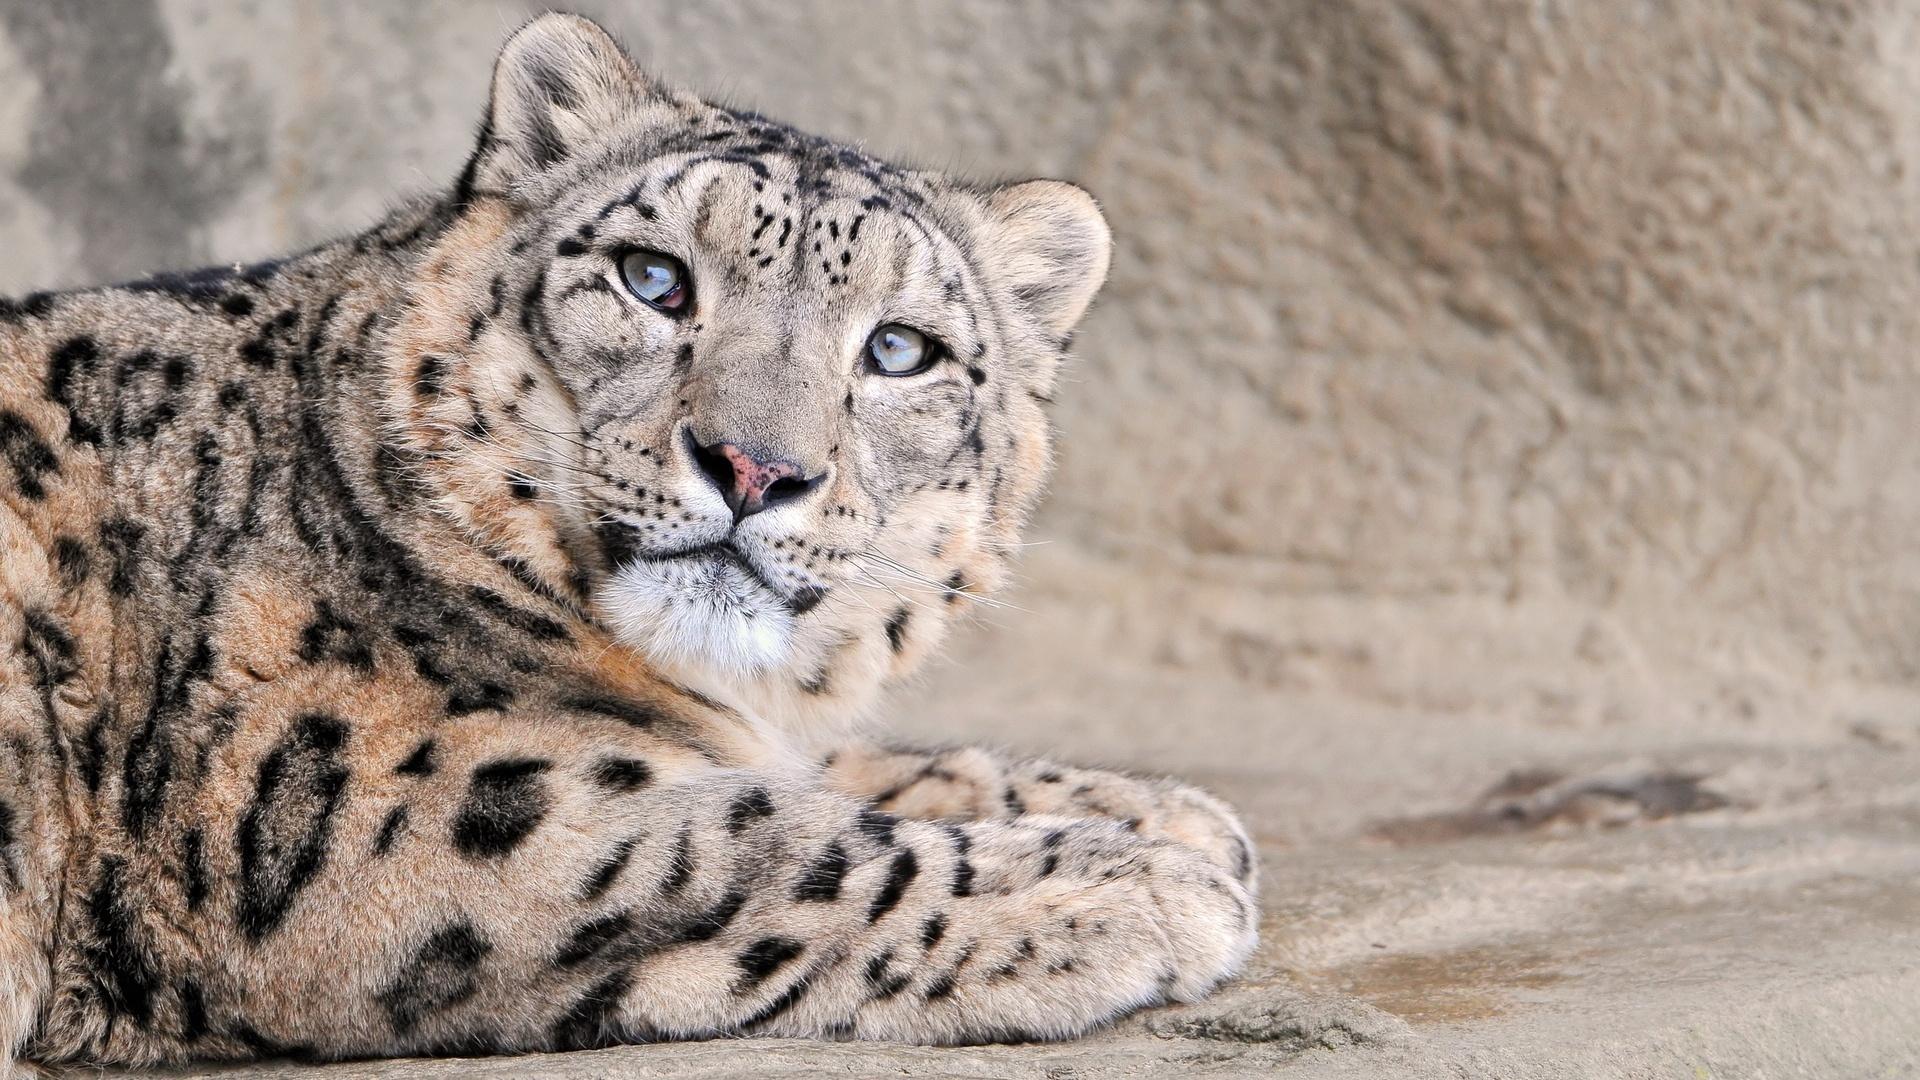 леопард, дикий взгляд, белый красавец